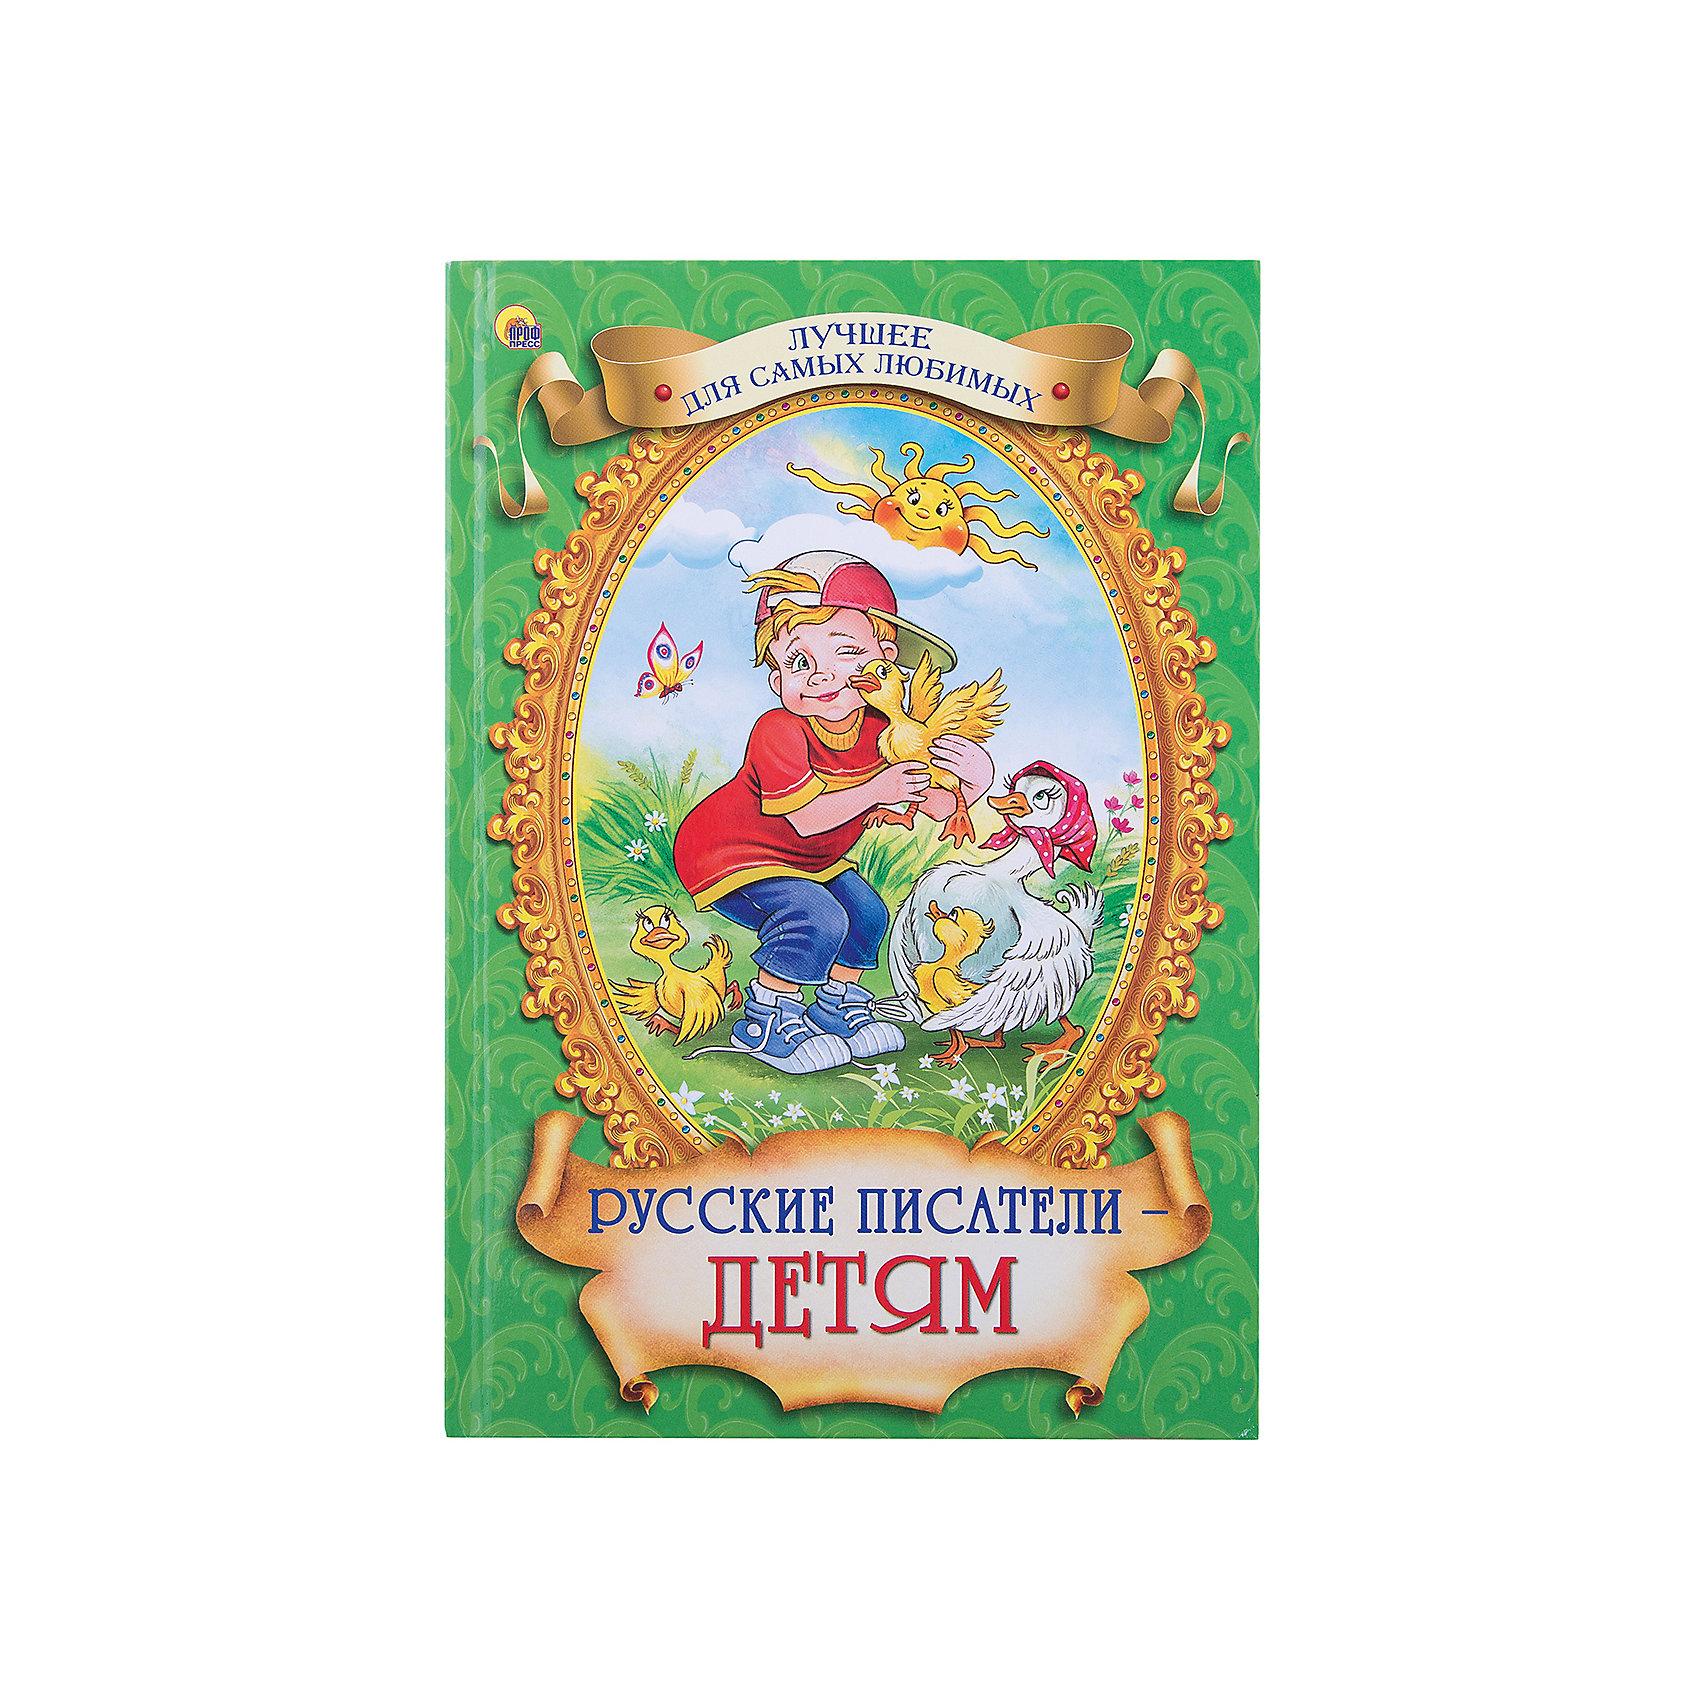 Сборник Русские писатели - детям, А. Чехов, Л. Толстой и др.Данная серия собрала рассказы и сказки, проверенные многими поколениями, которые понравятся и современным детям. Книги - это лучший подарок не только взрослым, они помогают детям познавать мир и учиться читать, также книги позволяют ребенку весело проводить время. Они также стимулируют развитие воображения, логики и творческого мышления.<br>Это издание очень красиво оформлено, в него вошли самые интересные произведения. Яркие картинки обязательно понравятся малышам! Книга сделана из качественных и безопасных для детей материалов.<br>  <br>Дополнительная информация:<br><br>размер: 170x246 мм;<br>вес: 281 г.<br><br>Книгу Русские писатели - детям, А. Чехов, Л. Толстой и др. от издательства Проф-Пресс можно купить в нашем магазине.<br><br>Ширина мм: 170<br>Глубина мм: 13<br>Высота мм: 246<br>Вес г: 281<br>Возраст от месяцев: 0<br>Возраст до месяцев: 60<br>Пол: Унисекс<br>Возраст: Детский<br>SKU: 4787311